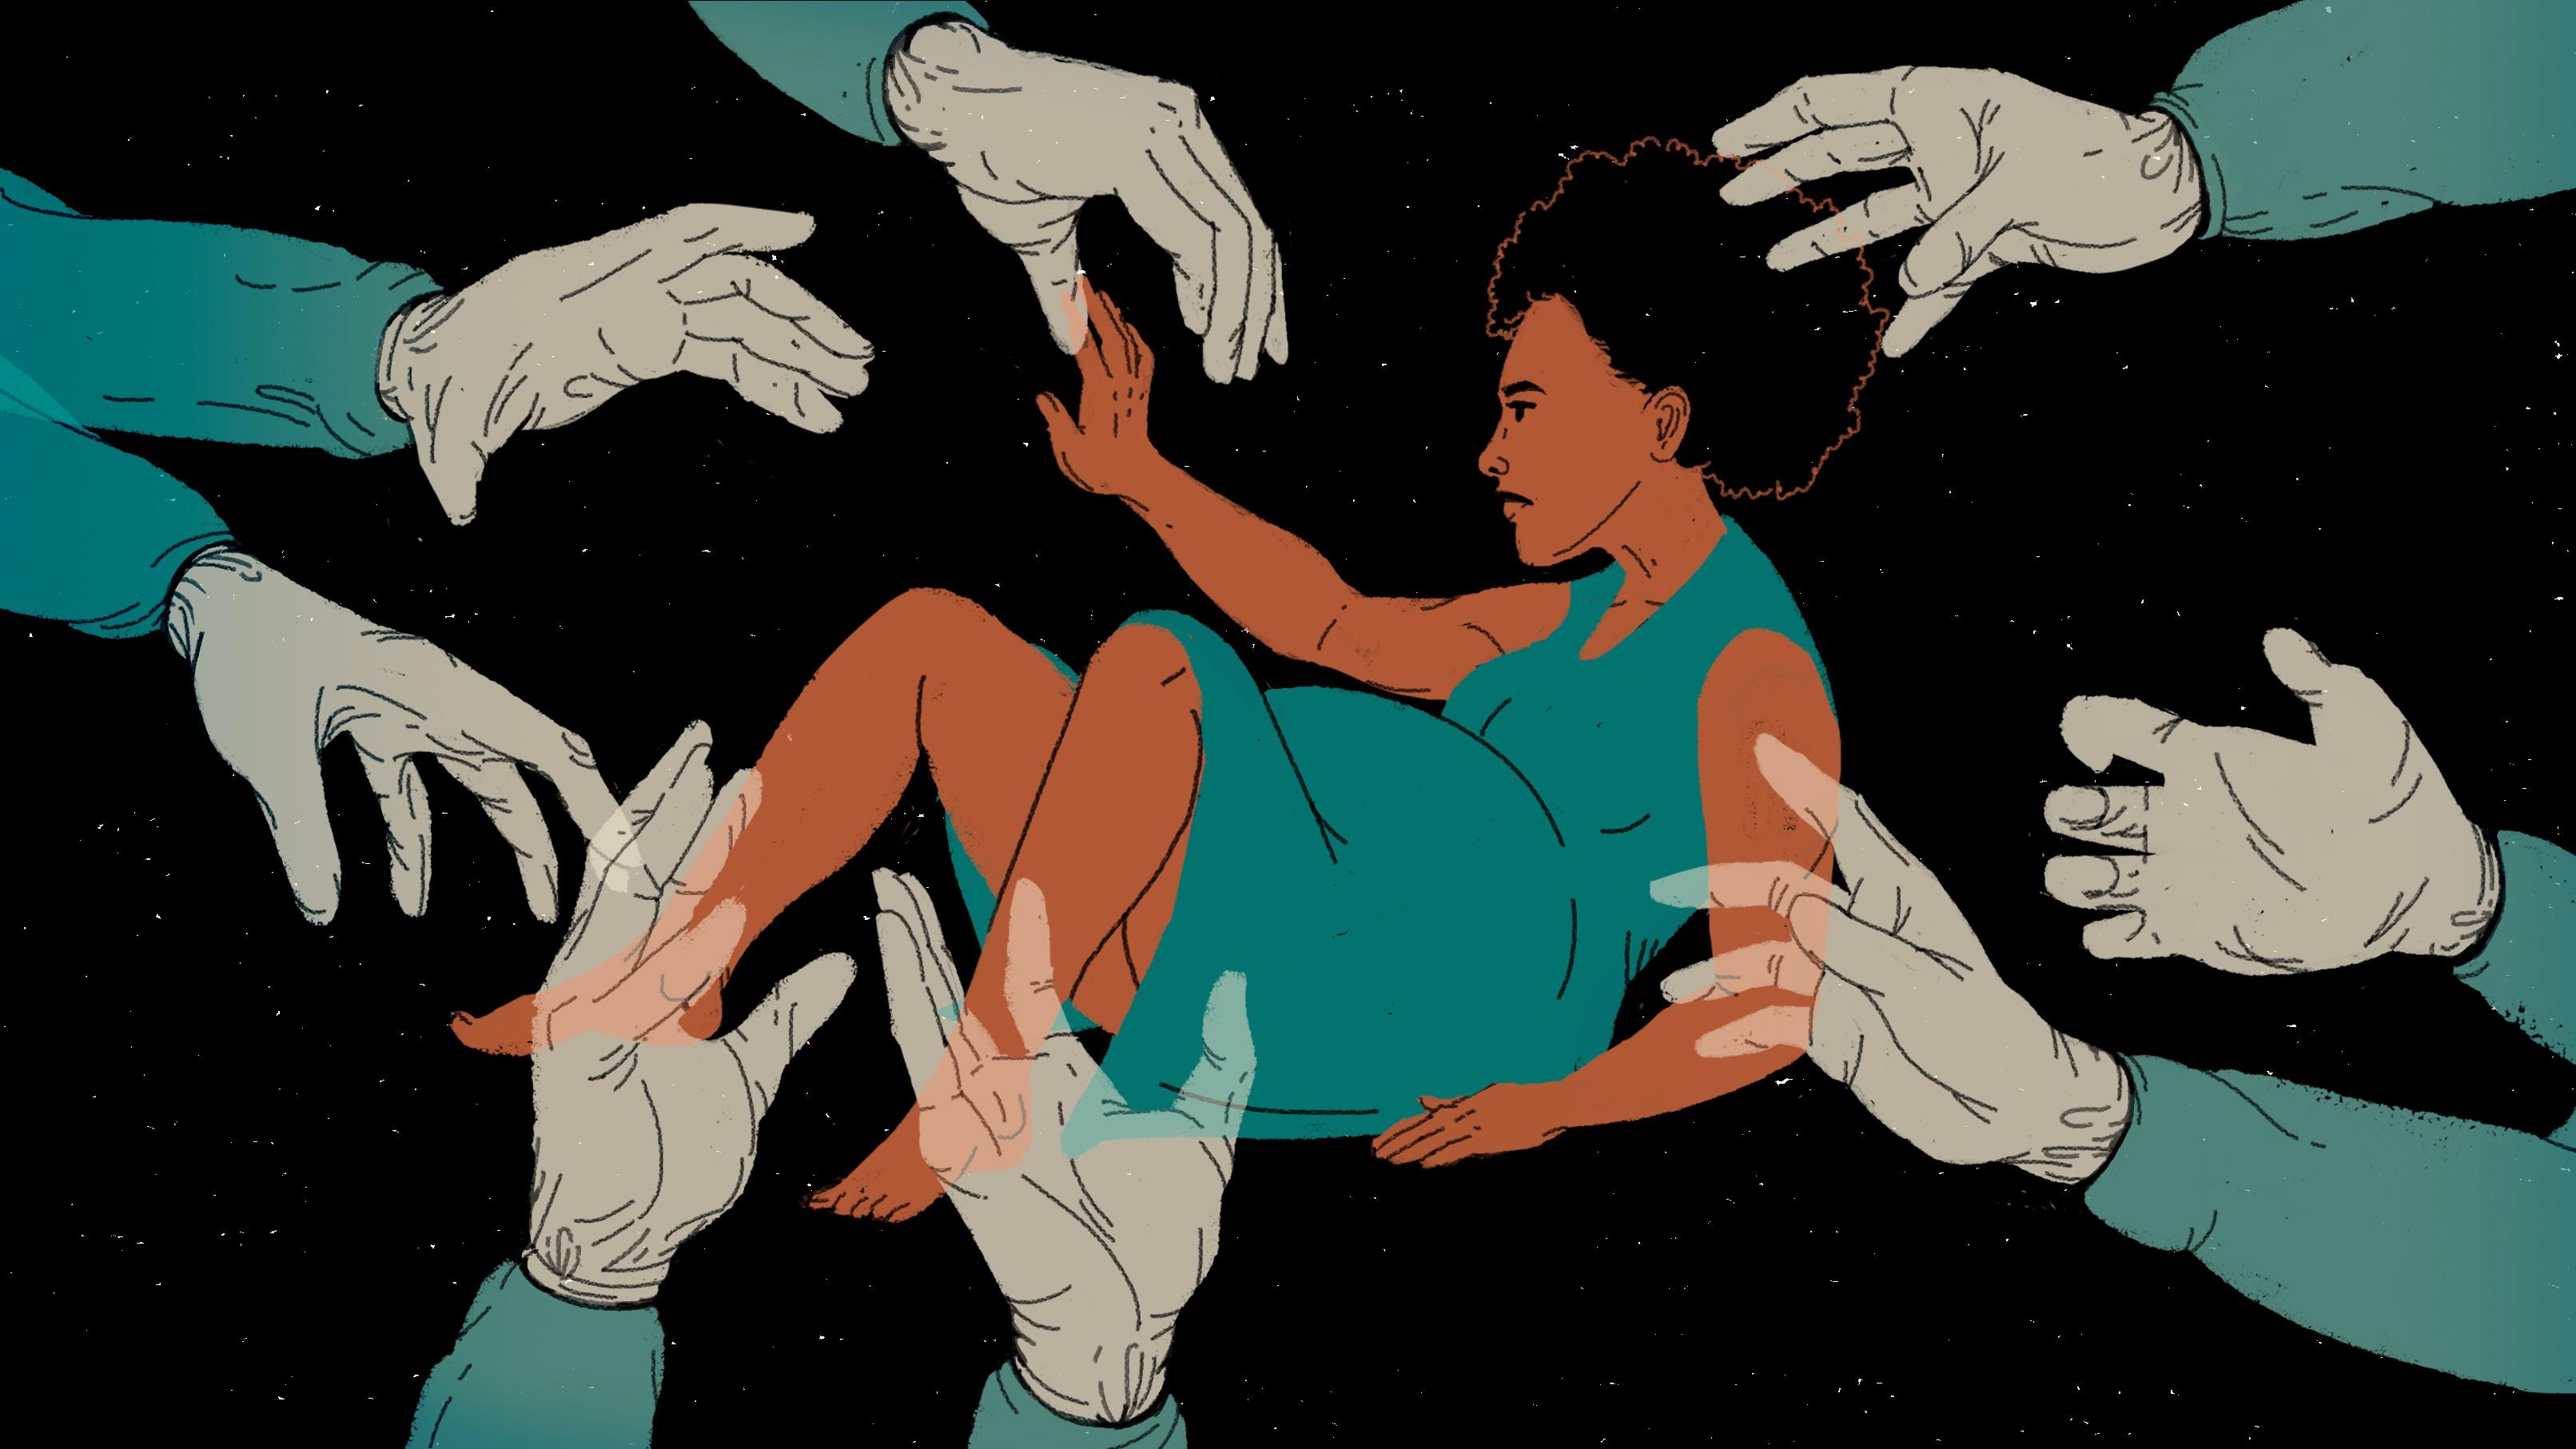 نساء يتحدثن عن إساءة الأطباء والممرضات لهن أثناء الولادة